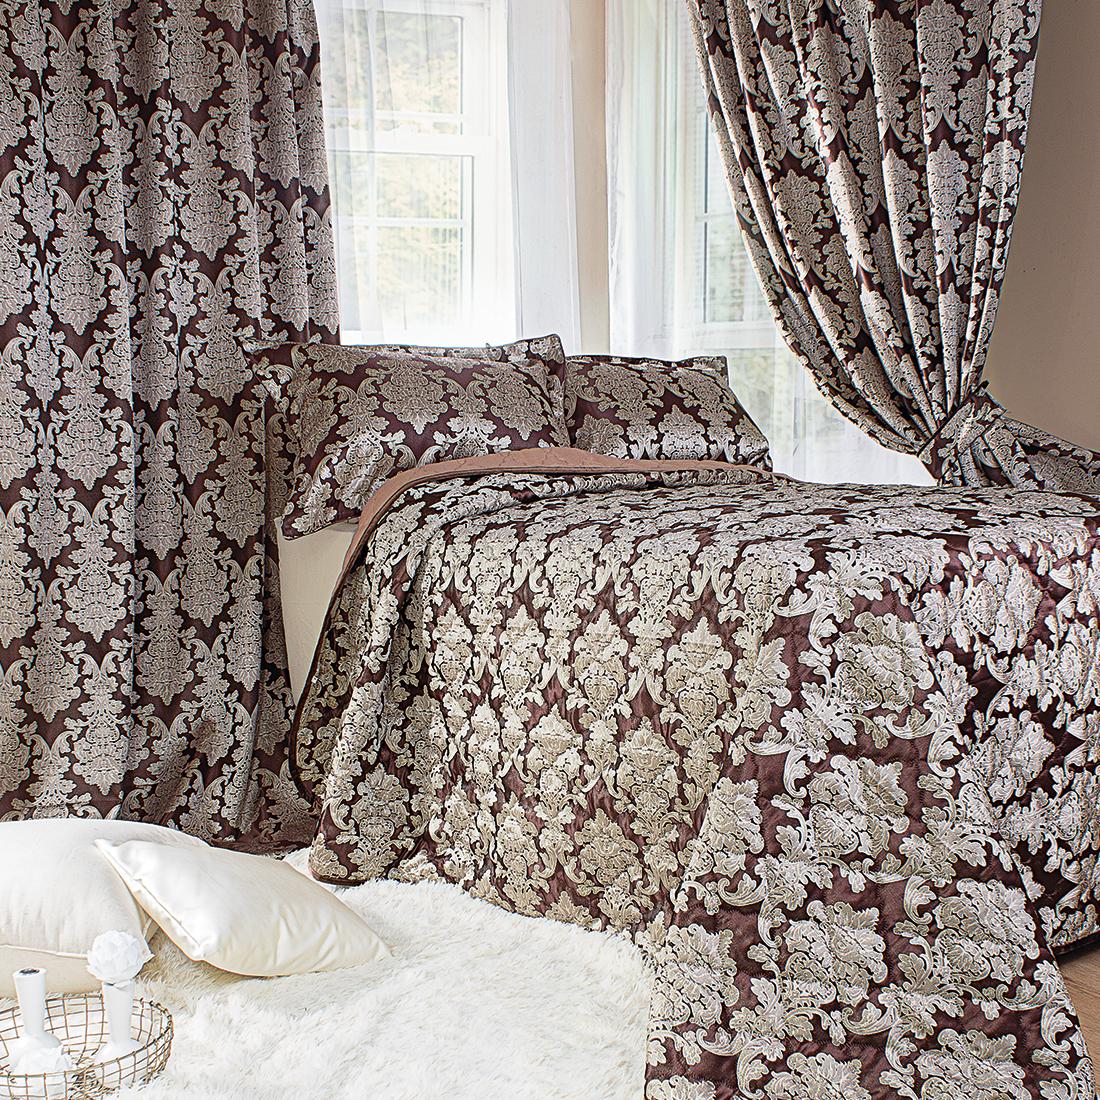 Шторы Мадмуазель Бато Лавуар Комплект штор с покрывалом Шато де Селин Цвет: Тёмный Шоколад комплект штор с покрывалом для спальни в москве